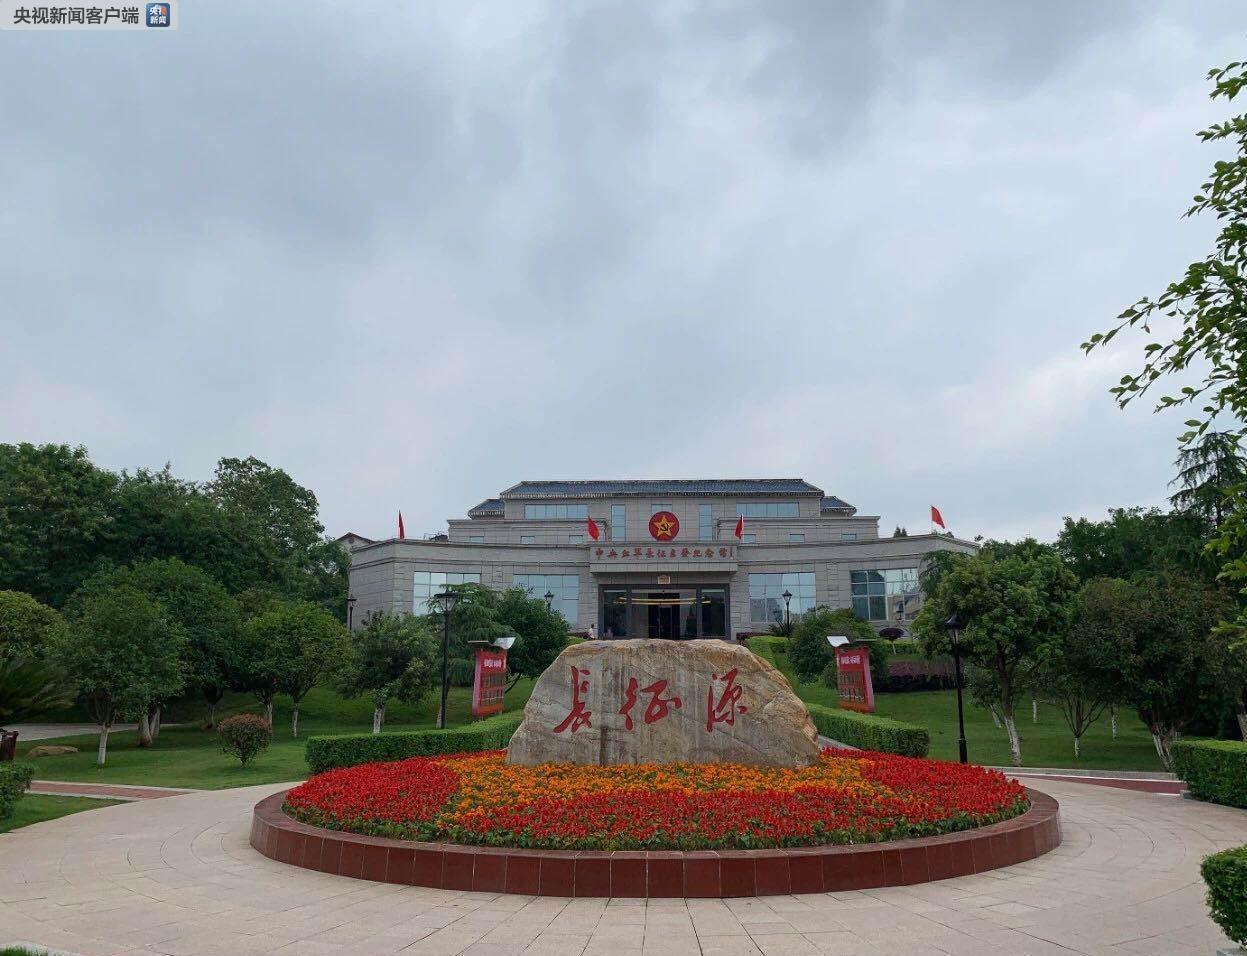 位于江西省于都县的中央红军长征出发纪念馆。(央视记者段德文拍摄)